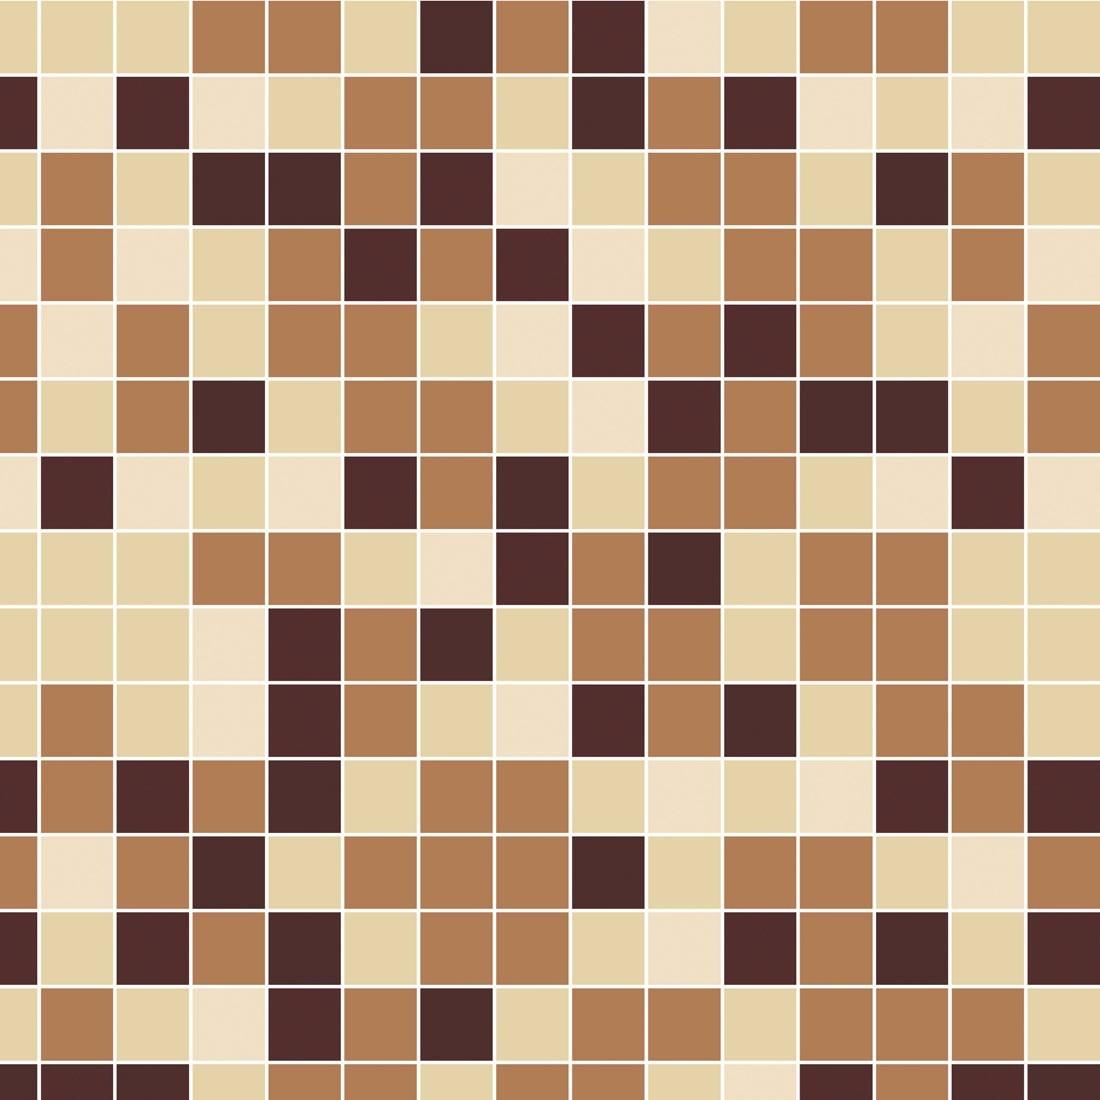 Papel De Parede Pastilhas Cozinha Banheiro R$ 58 90 em Mercado Livre #9A7931 1100x1100 Banheiro Com Pastilha Em Uma Parede